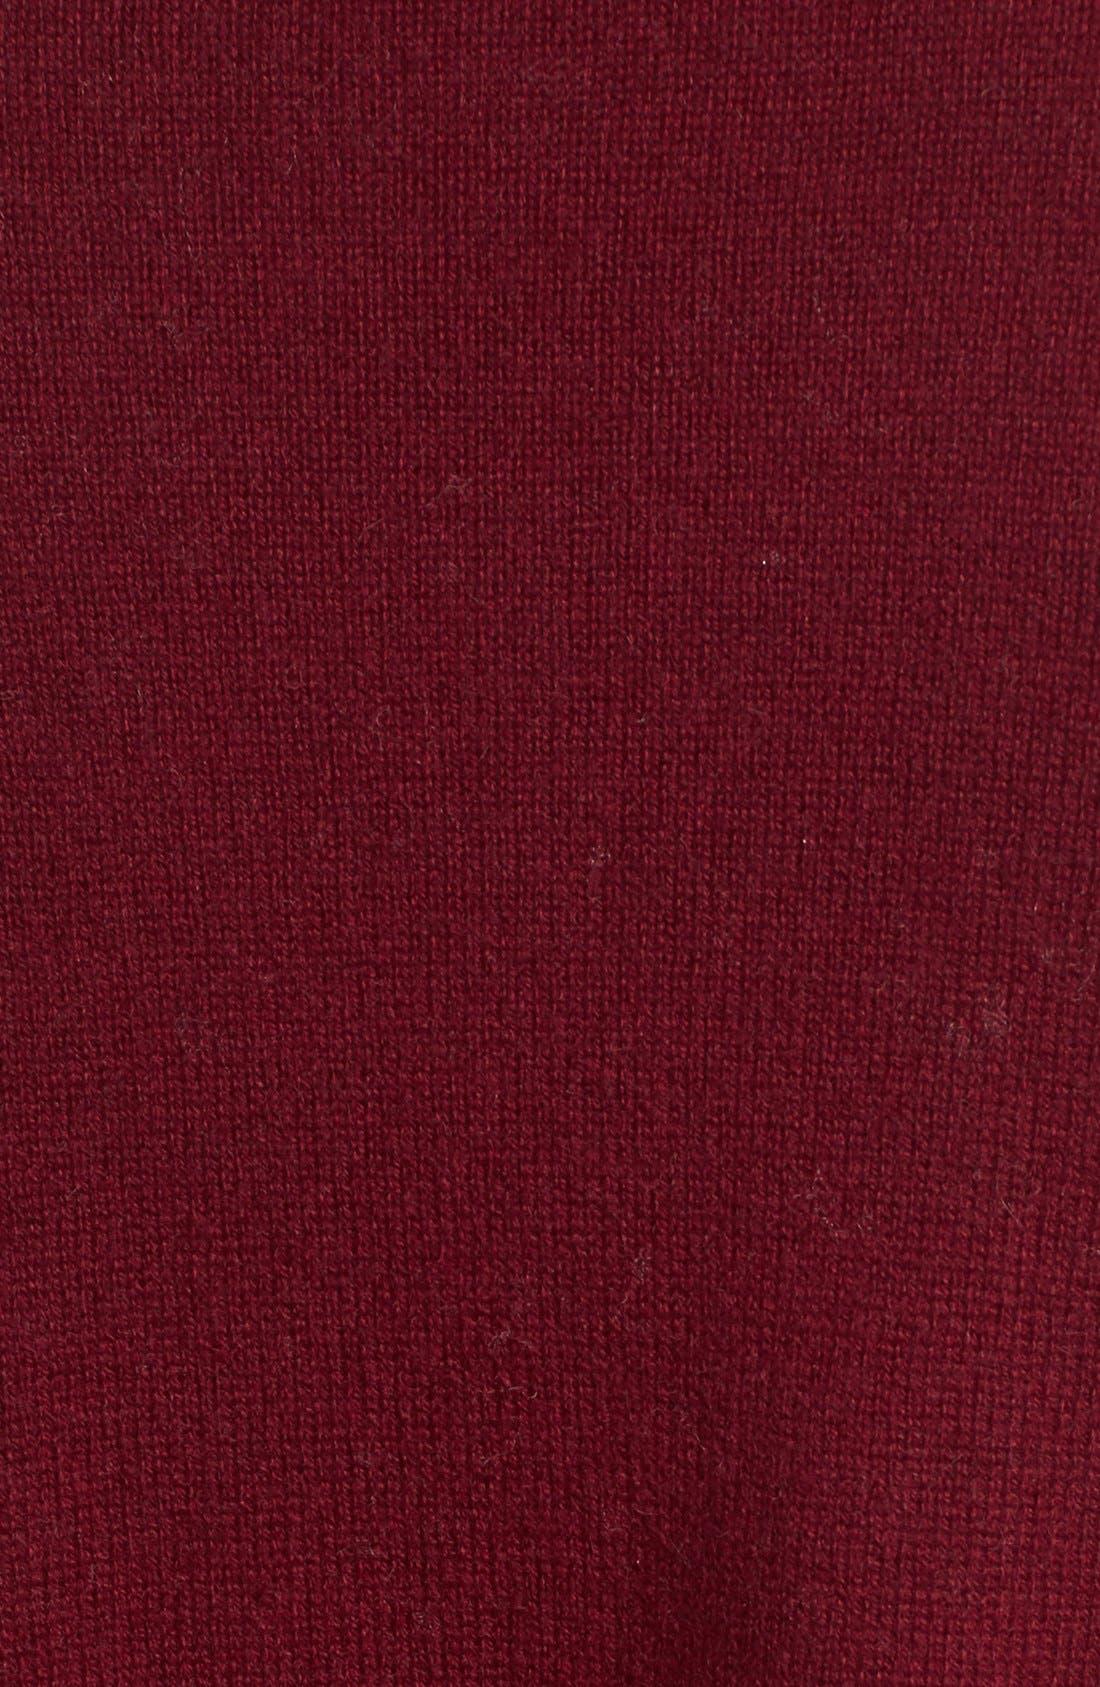 Wool & Cashmere Drape Front Sweater Vest,                             Alternate thumbnail 40, color,